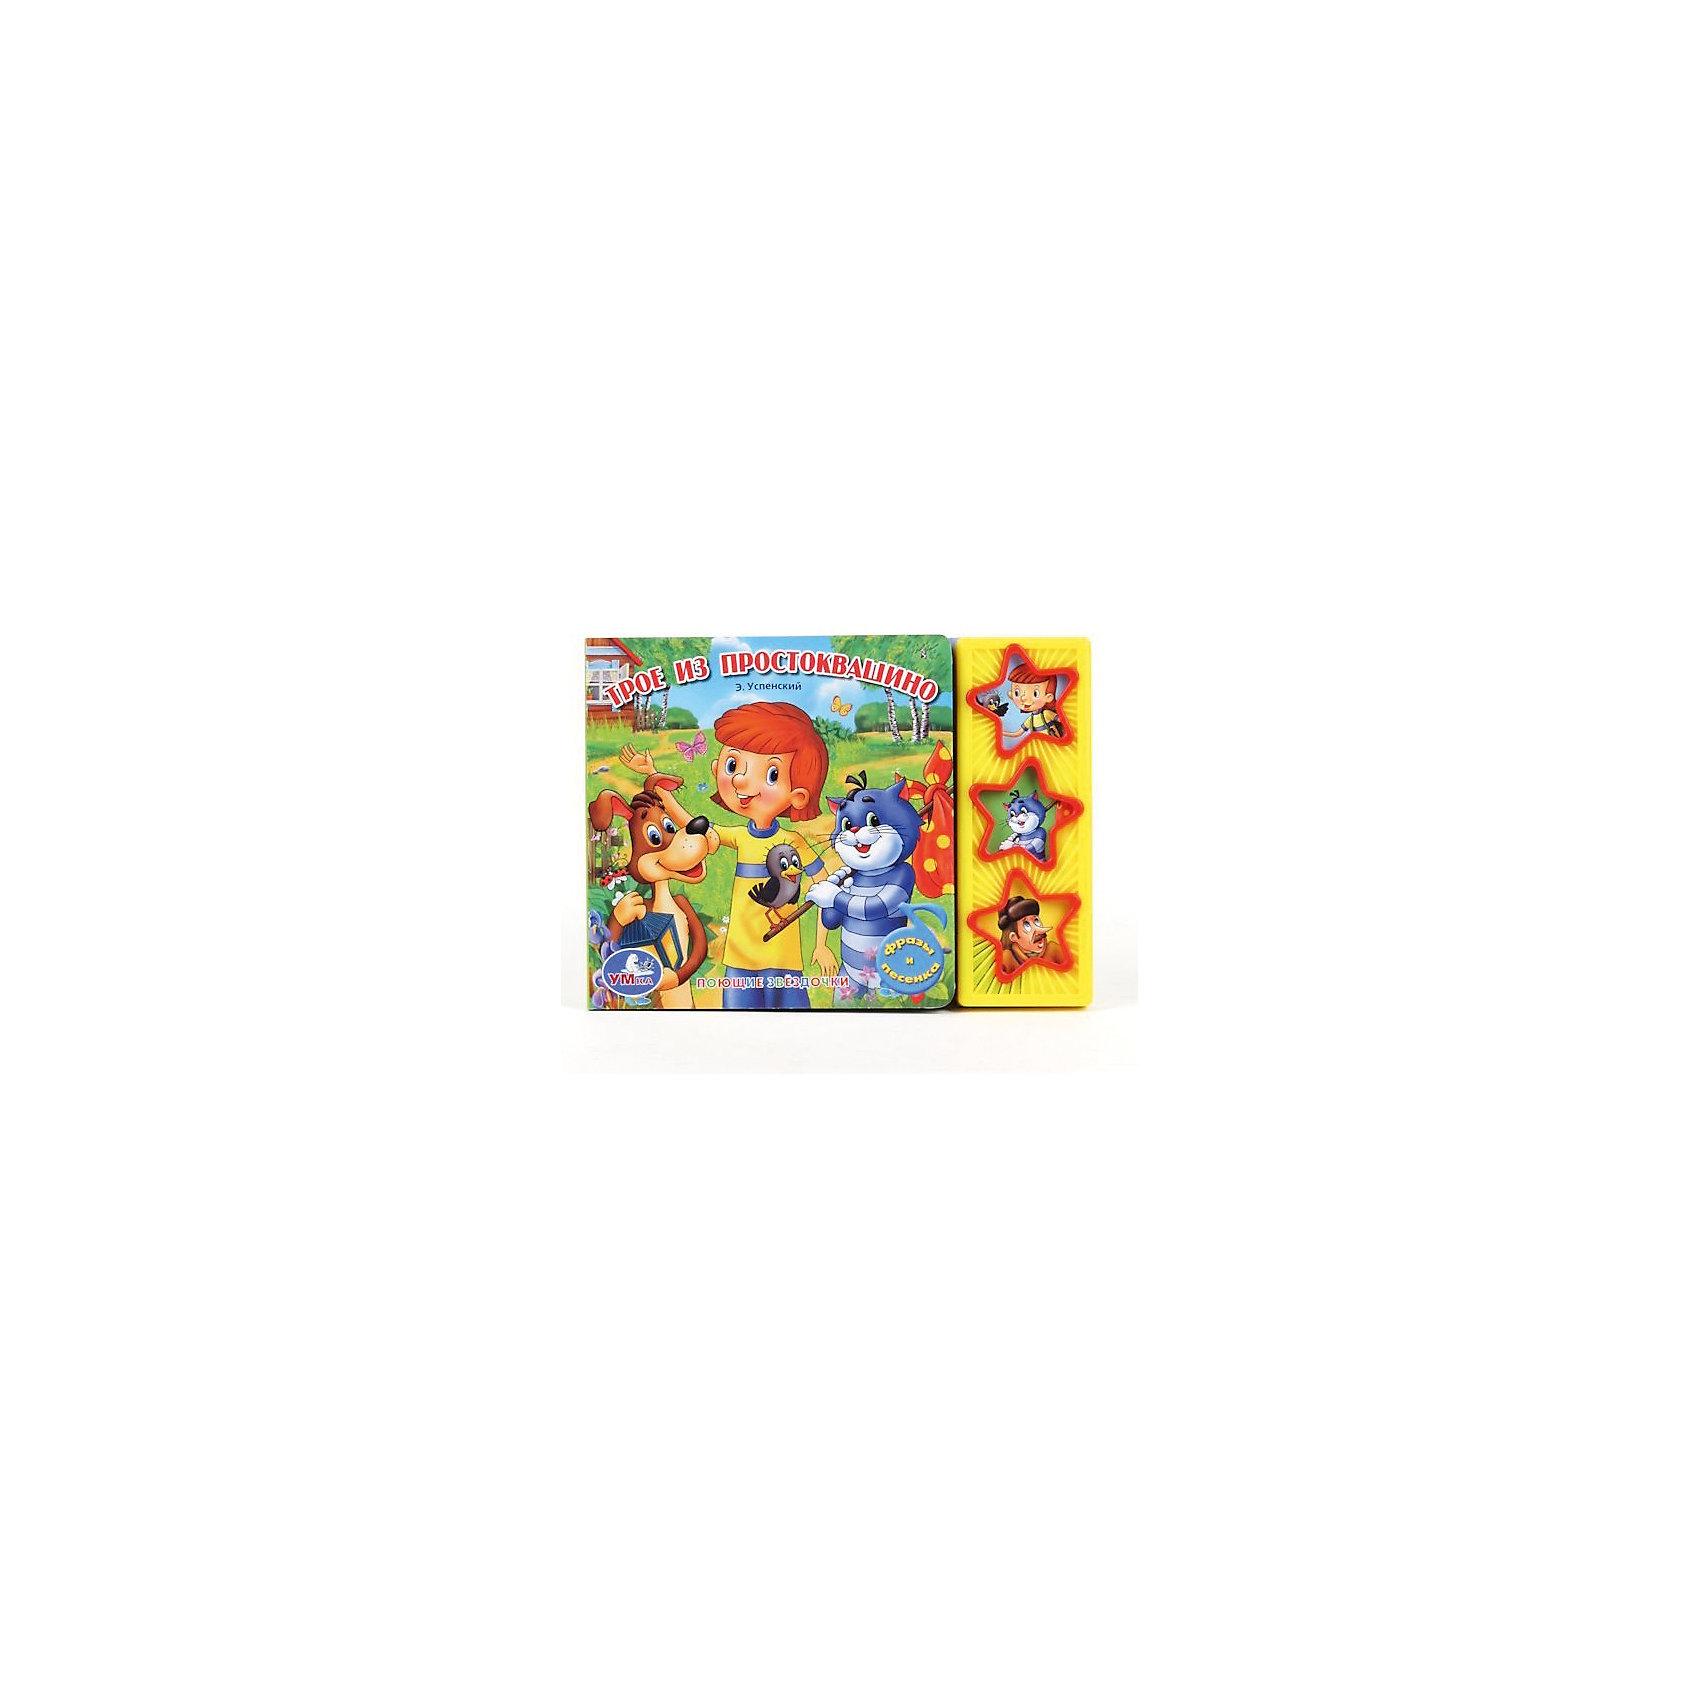 Книга с 3 кнопками Трое из ПростоквашиноКнига с 3 кнопками Трое из Простоквашино - это красочная картонная книга со звуковым модулем.<br>Музыкальная книга Трое из Простоквашино издана по мотивам популярного отечественного мультфильма. Она расскажет малышу занимательную историю о приключениях мальчика дяди Федора, кота Матроскина и пса Шарика. Книга оснащена звуковым модулем, благодаря которому ребенок сможет прослушать песню и фразы из любимого мультфильма. Яркие цвета, красивые картинки и удобные страницы обязательно понравятся малышу. Формат книги идеально подходит для маленьких детских рук, страницы из плотного картона не так просто помять или порвать. Книга развивает у ребенка интерес к чтению, слуховое и зрительное восприятие, мелкую моторику.<br><br>Дополнительная информация:<br><br>- Автор: Эдуард Успенский<br>- Иллюстратор: Дина Вдовенко<br>- Издательство: Умка<br>- Тип обложки: картон<br>- Звуковой модуль: 3 кнопки с песней и фразами из мультфильма<br>- Иллюстрации: цветные<br>- Количество страниц: 6 (картон)<br>- Батарейки: 3 типа LR44 (входят в комплект)<br>- Размер: 210х150х20 мм.<br>- Вес: 200 гр.<br><br>Книгу с 3 кнопками Трое из Простоквашино можно купить в нашем интернет-магазине.<br><br>Ширина мм: 210<br>Глубина мм: 150<br>Высота мм: 20<br>Вес г: 200<br>Возраст от месяцев: 36<br>Возраст до месяцев: 2147483647<br>Пол: Унисекс<br>Возраст: Детский<br>SKU: 4578993